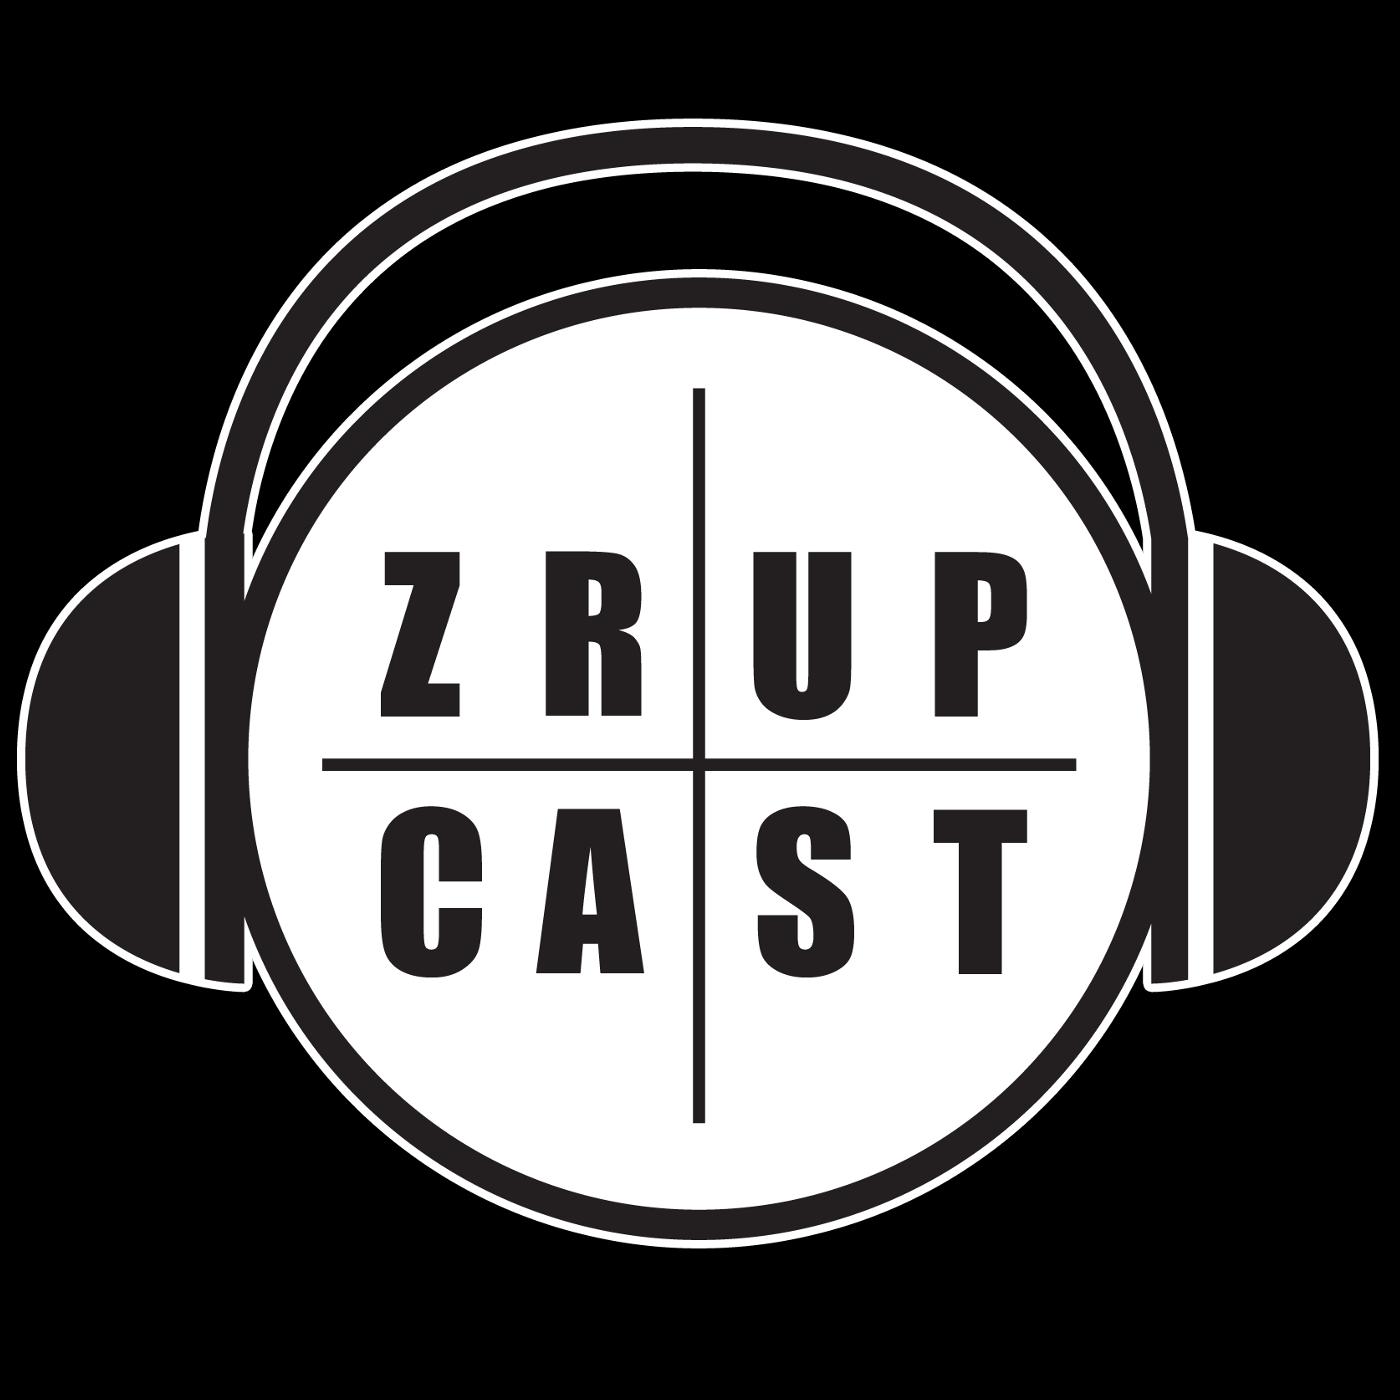 W gaciach na Śnieżkę. Zimą | Maciej Szyszka | ZRUPcast #30